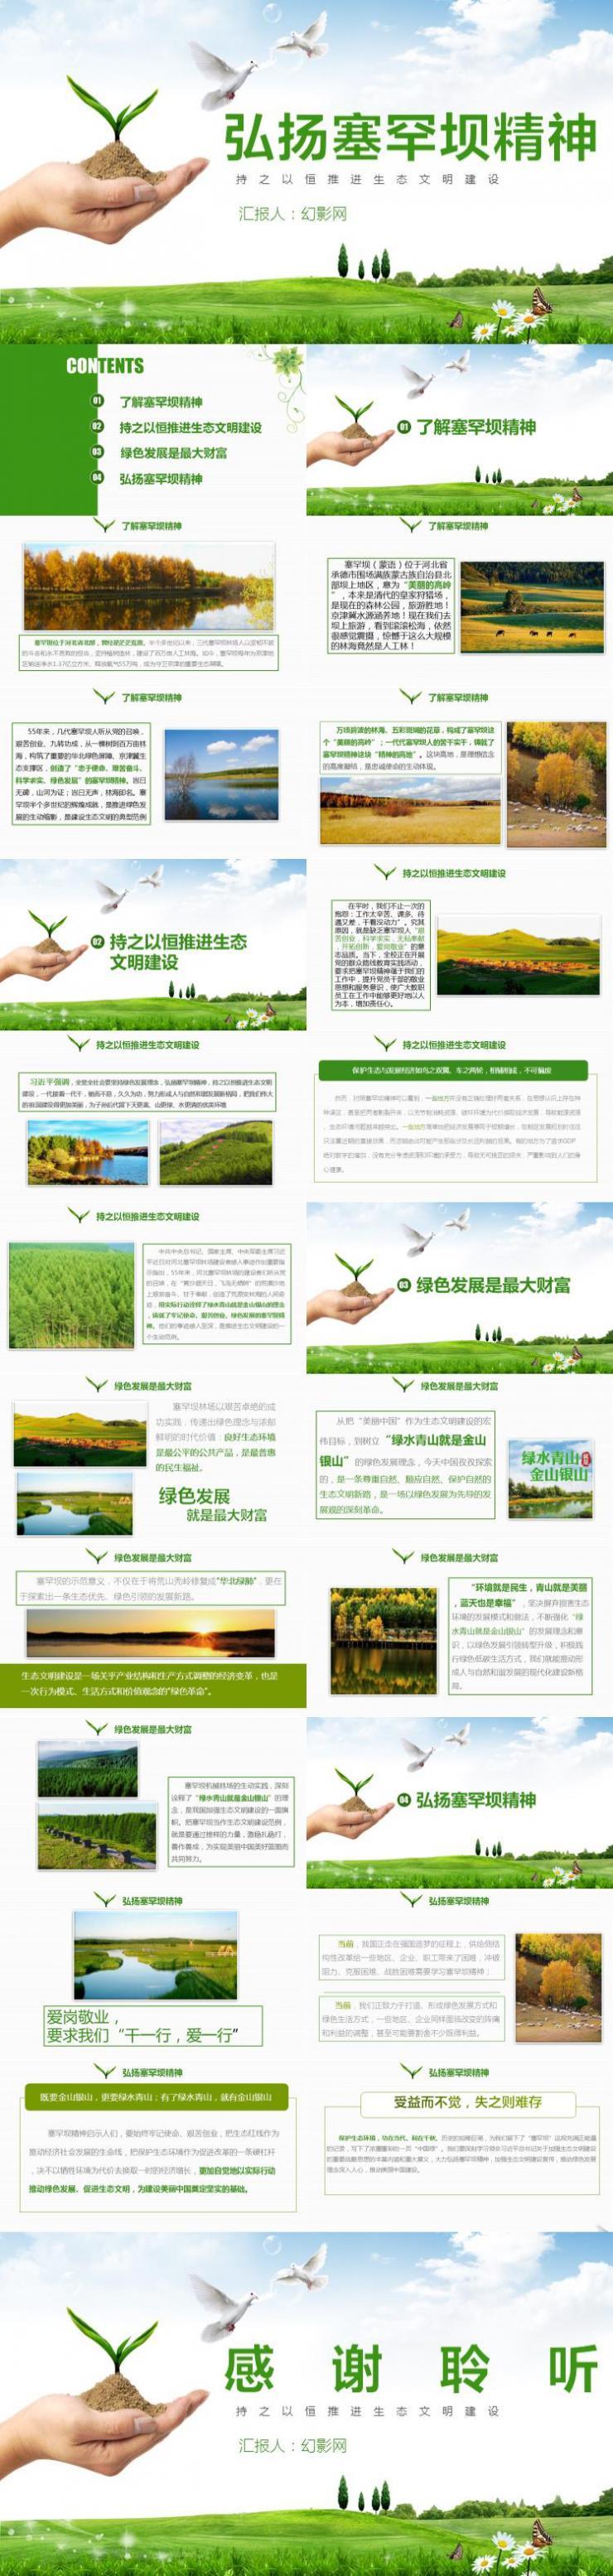 生态文明建设PPT模板下载